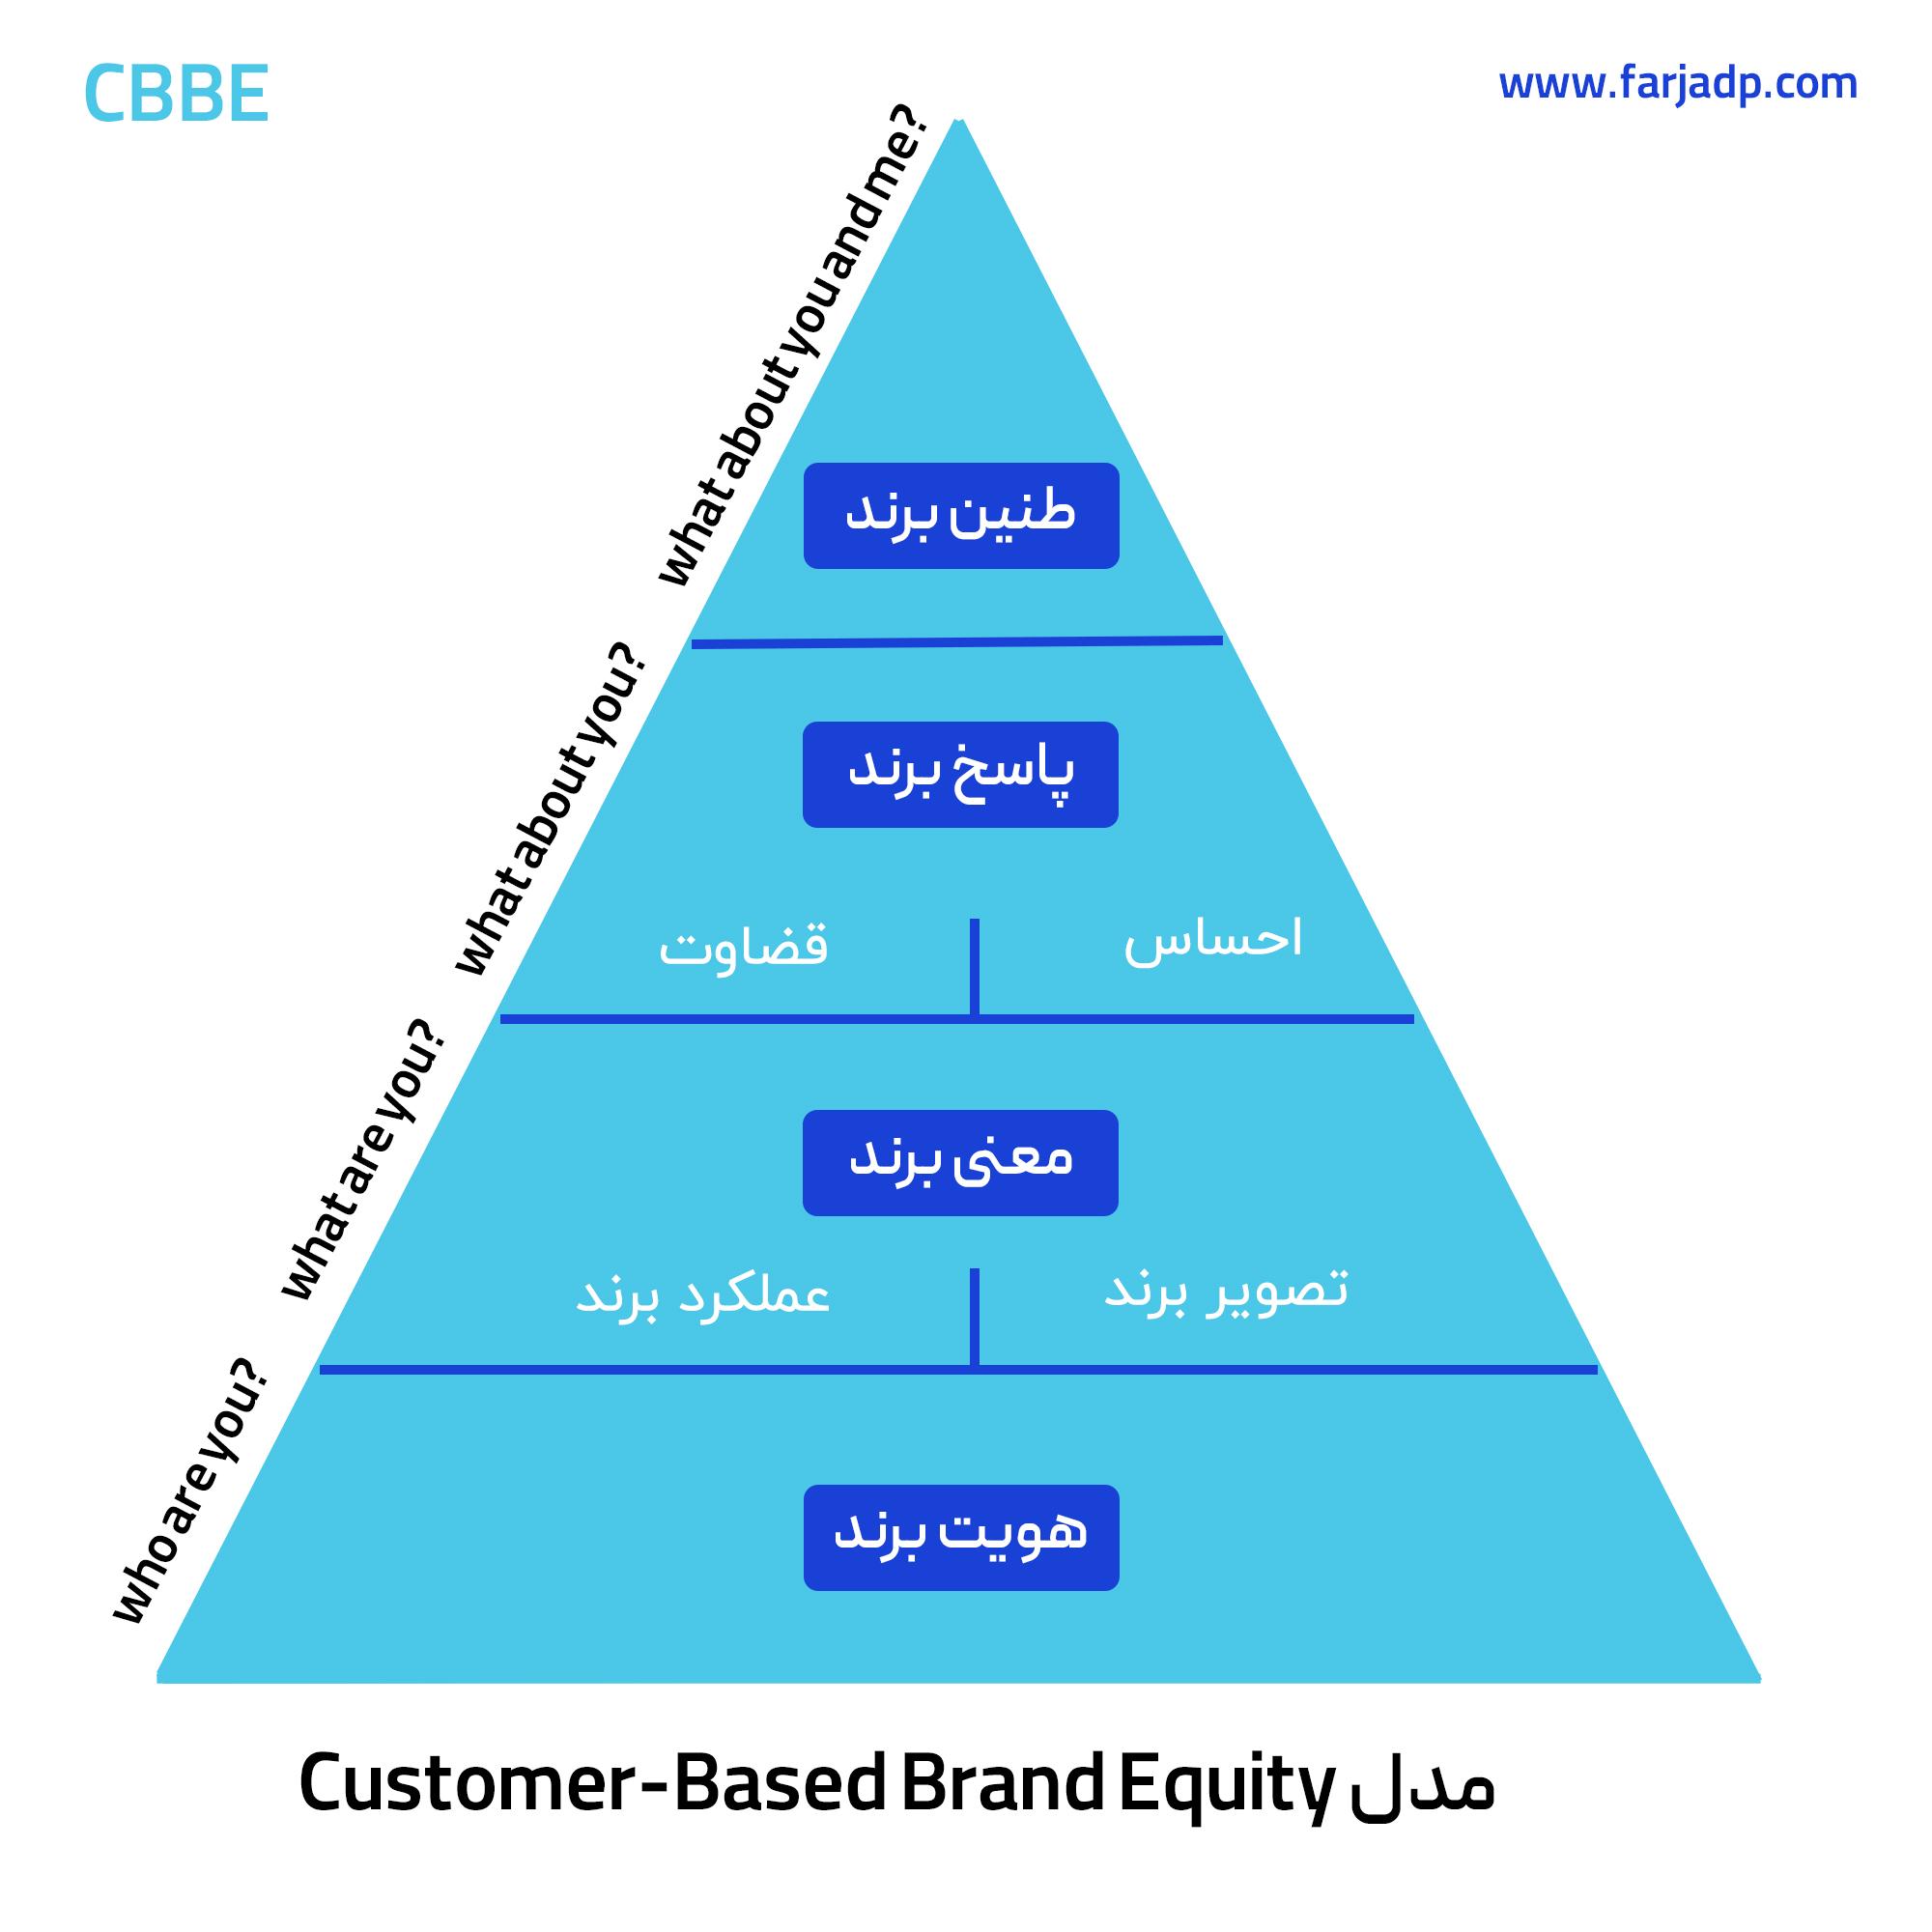 مدل جایگاه سازی برند CBBE